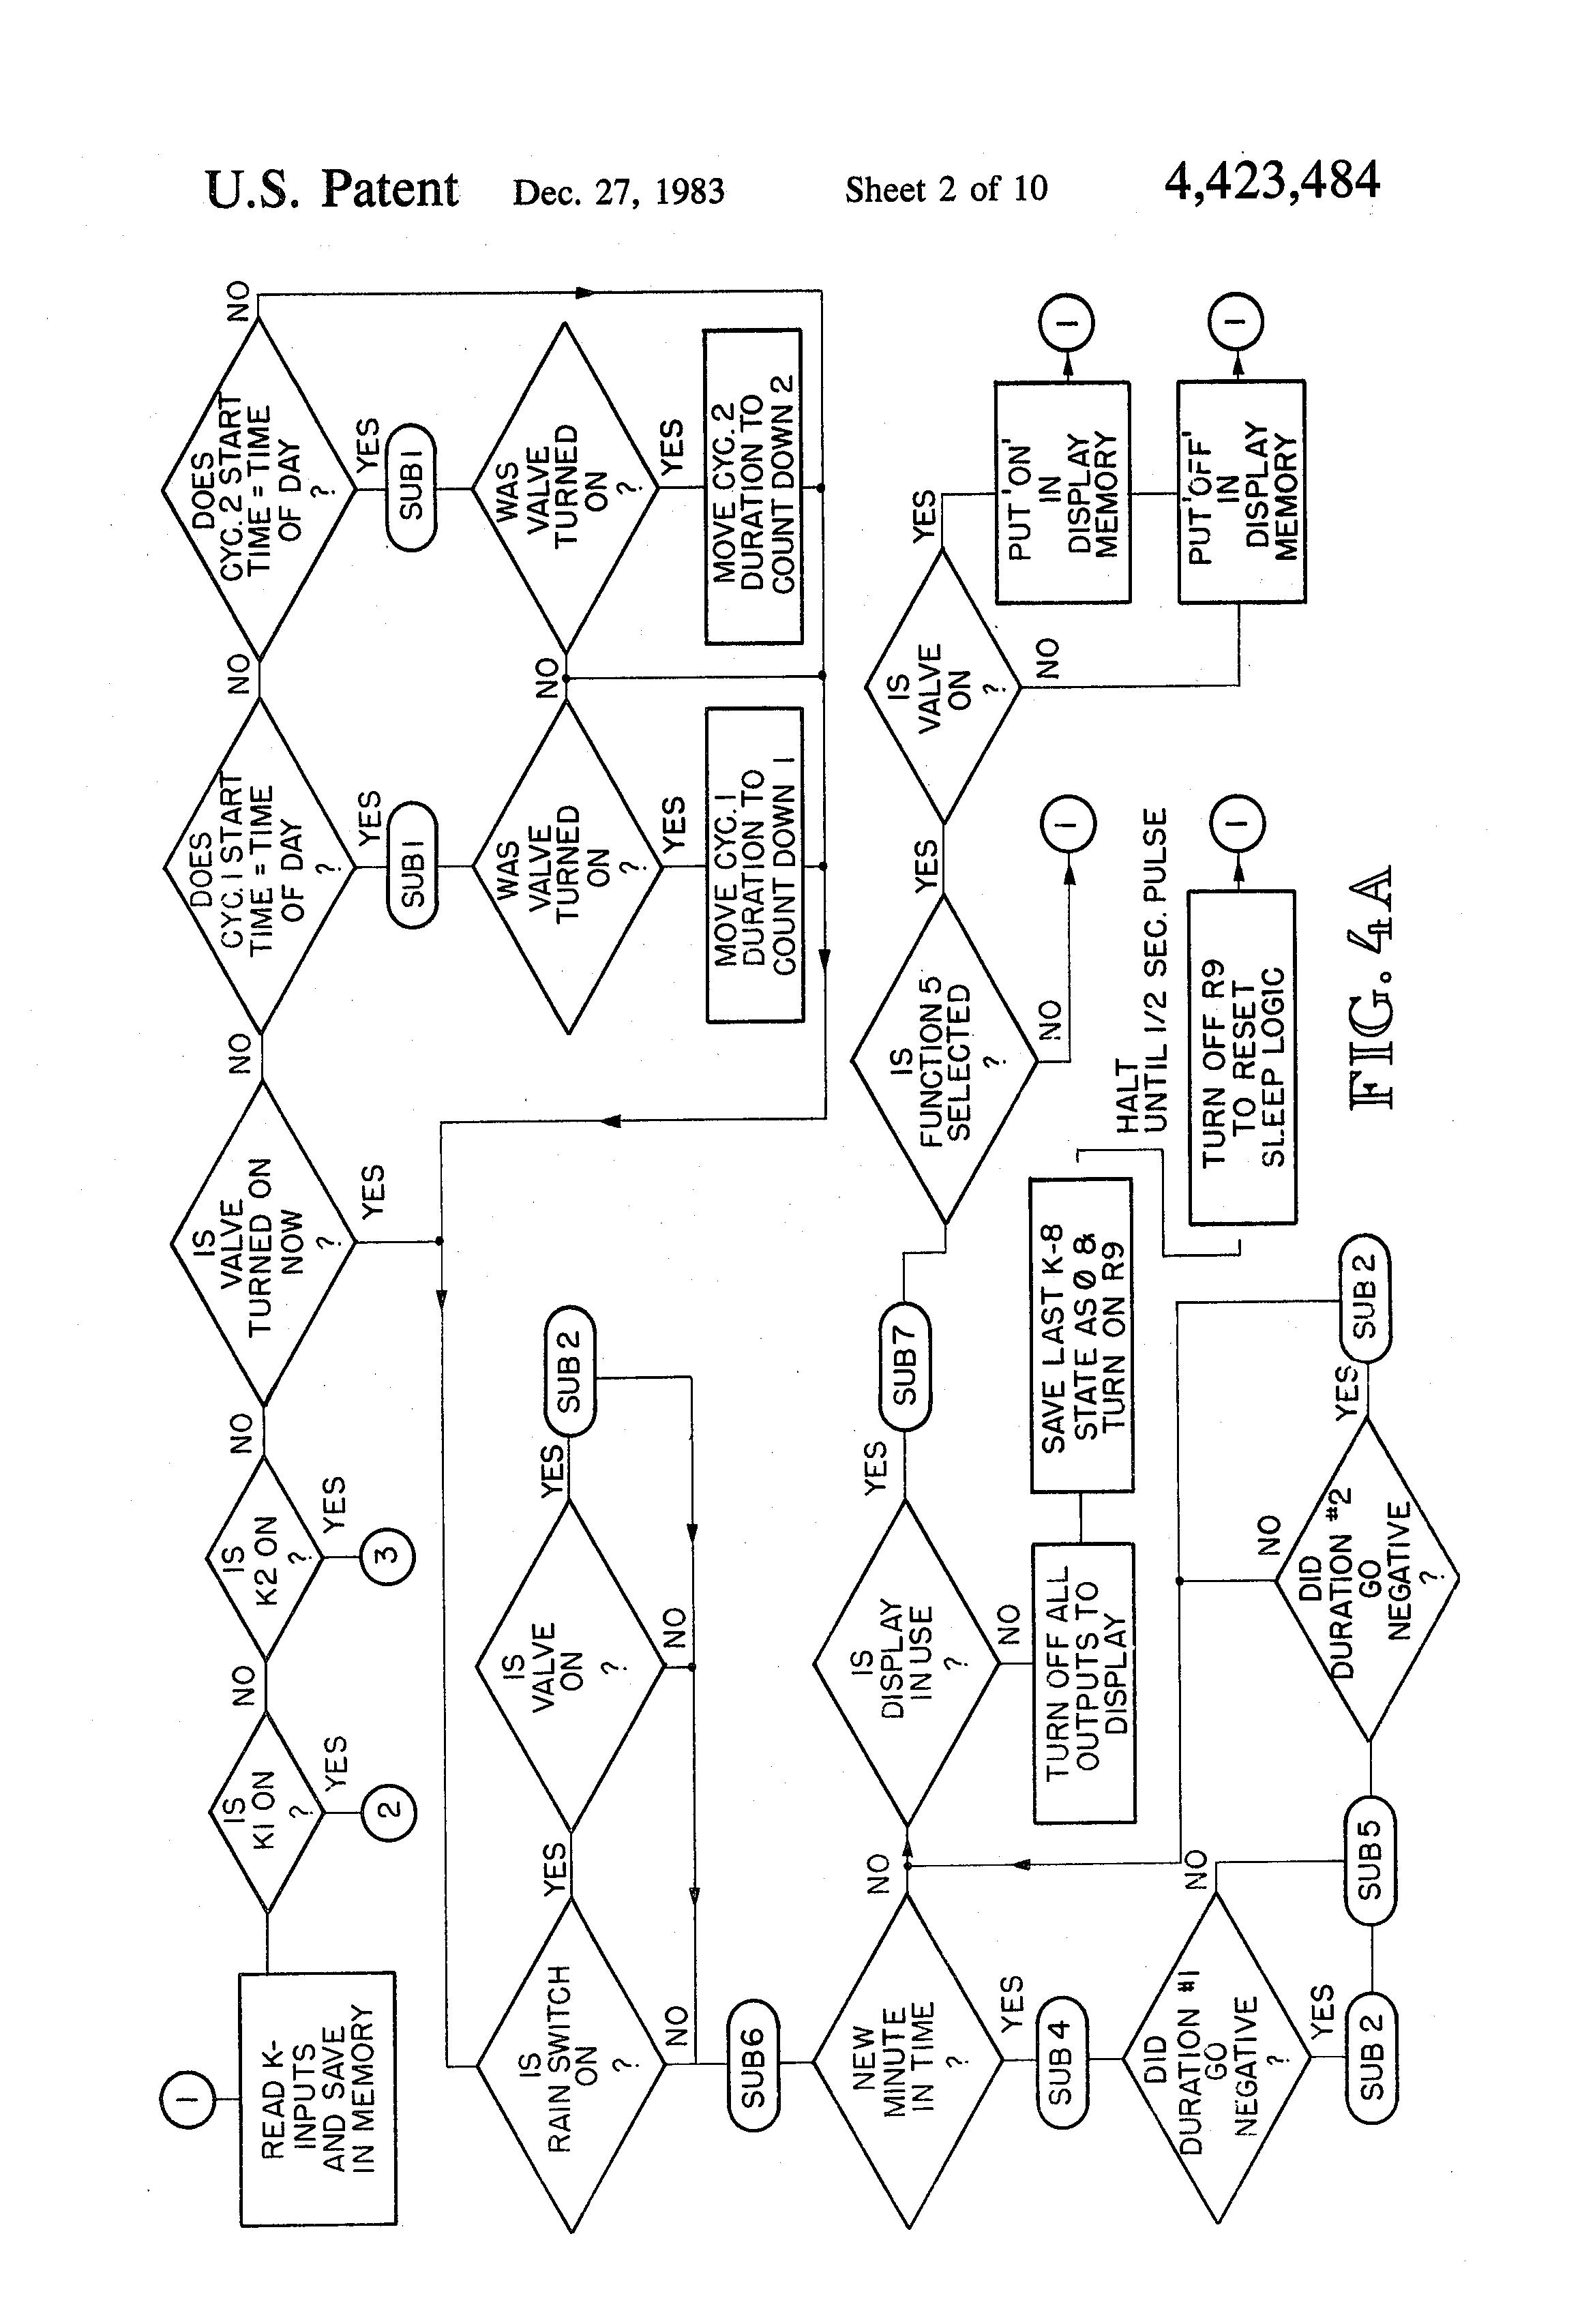 toro flo pro sprinkler wiring diagram hdd sata wiring